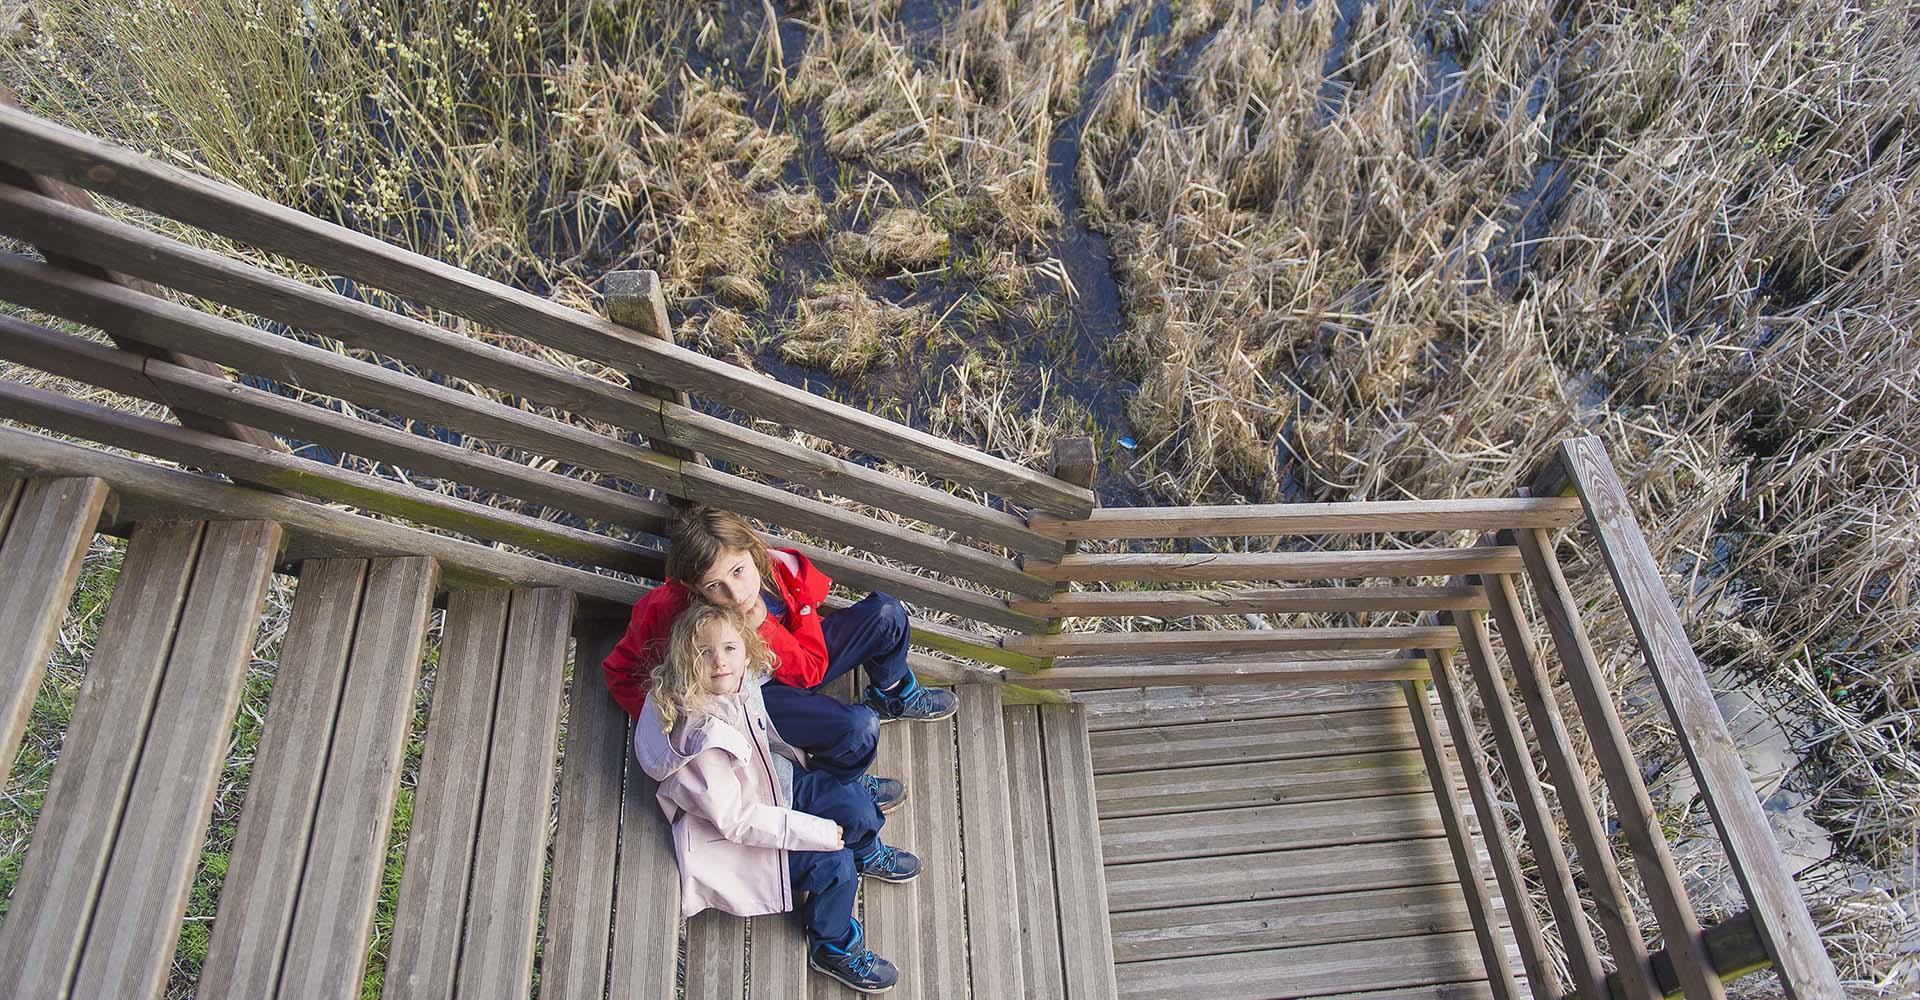 Bagno Całowanie – niezwykłe miejsce na rodzinny spacer